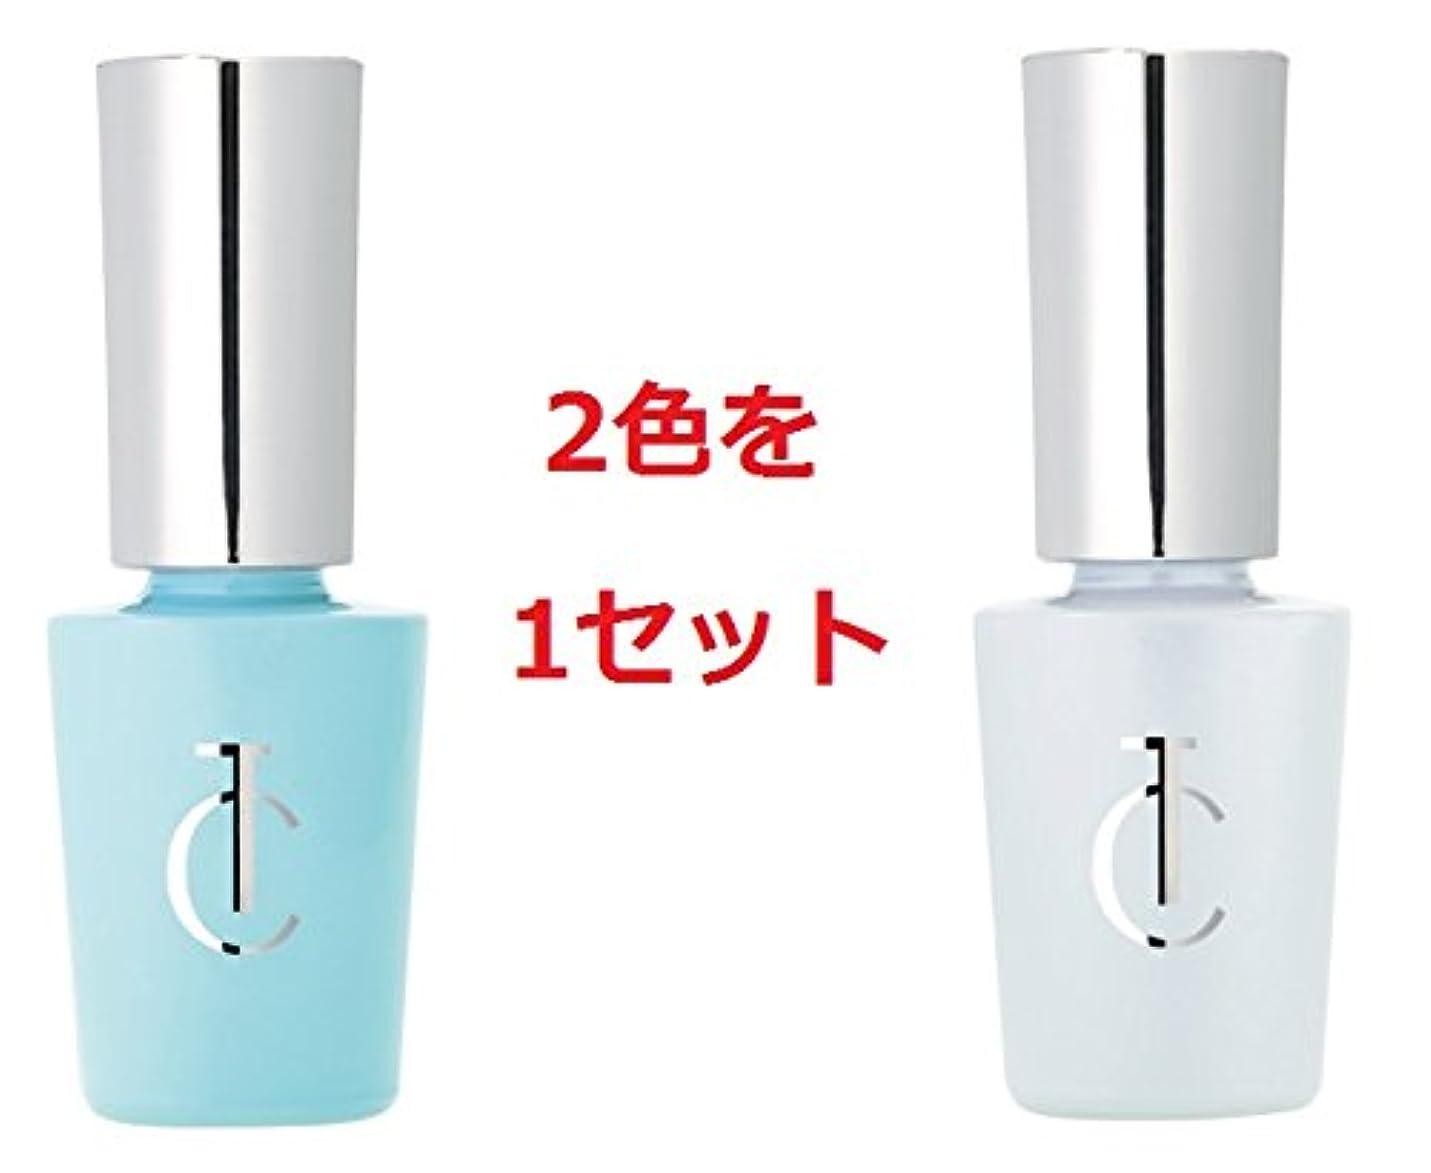 ガラススナッチフェンスTooColor アクアパール、ピュアホワイト2色セット品 [口腔化粧品 歯のマニキュア]マイクロソリューション